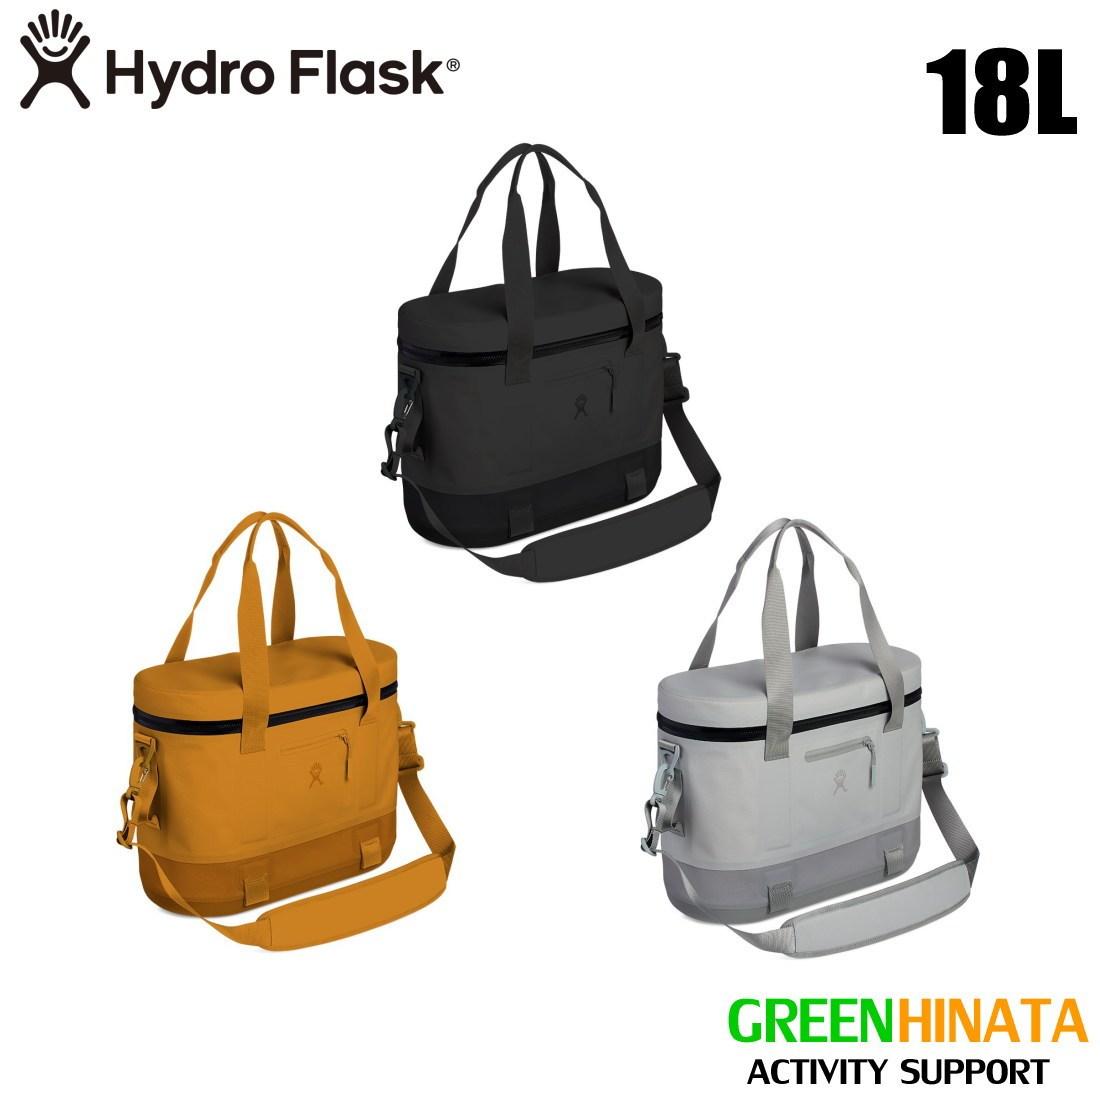 【国内正規品】 ハイドロフラスク ソフトクーラーバック 18L 保冷バック HydroFlask Soft Cooler Pack 18L